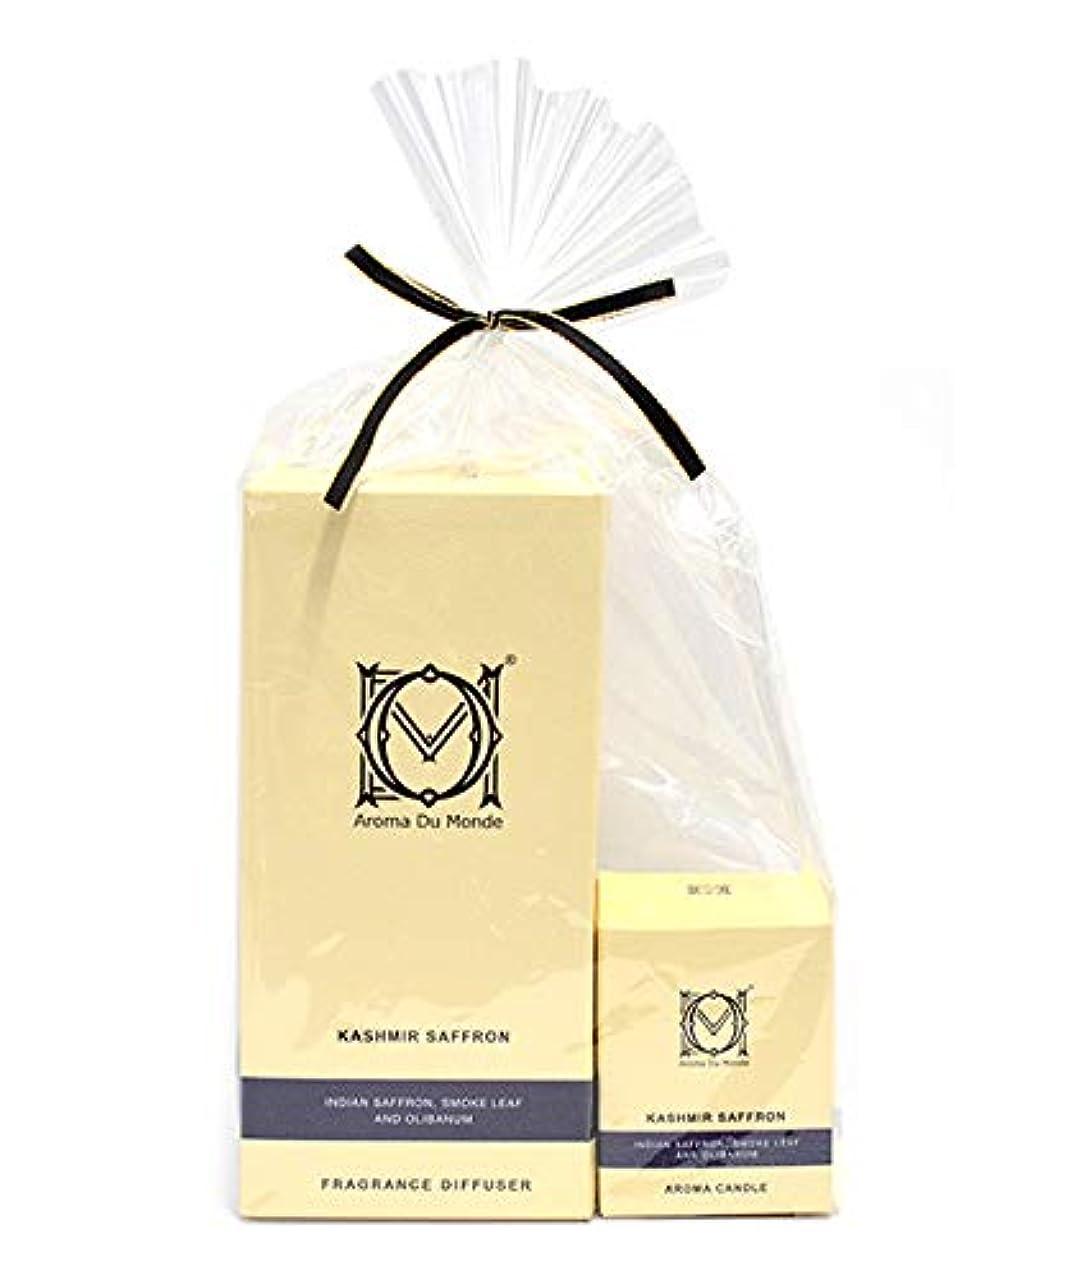 乙女寛容などちらもフレグランスディフューザー&キャンドル カシミールサフラン セット Aroma Du Monde/ADM Fragrance Diffuser & Candle Kashmir Saffron 81160